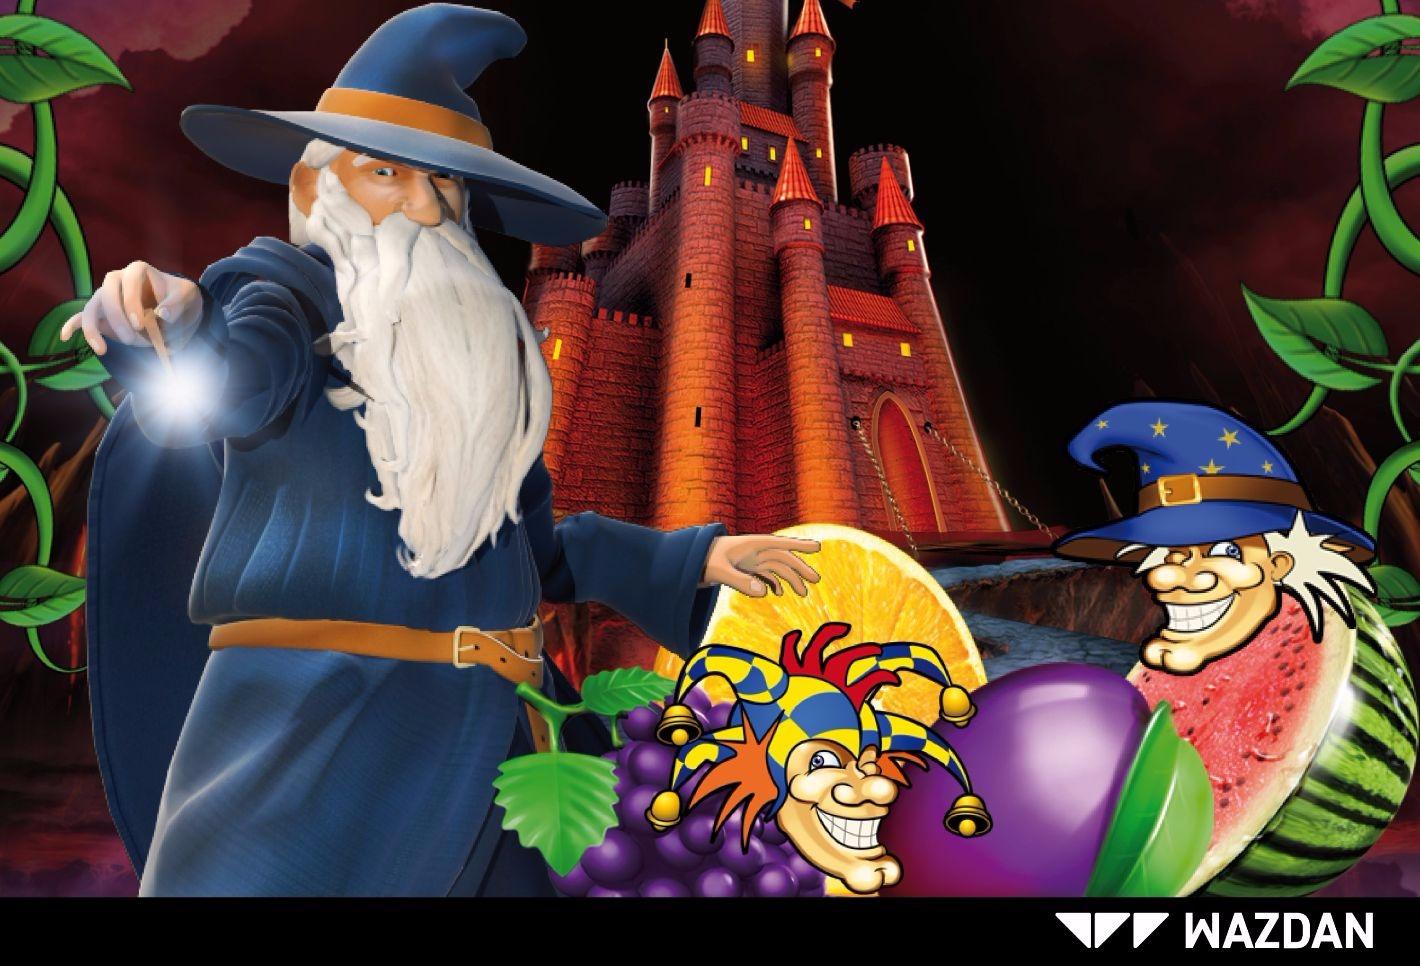 wazdan magic game releases